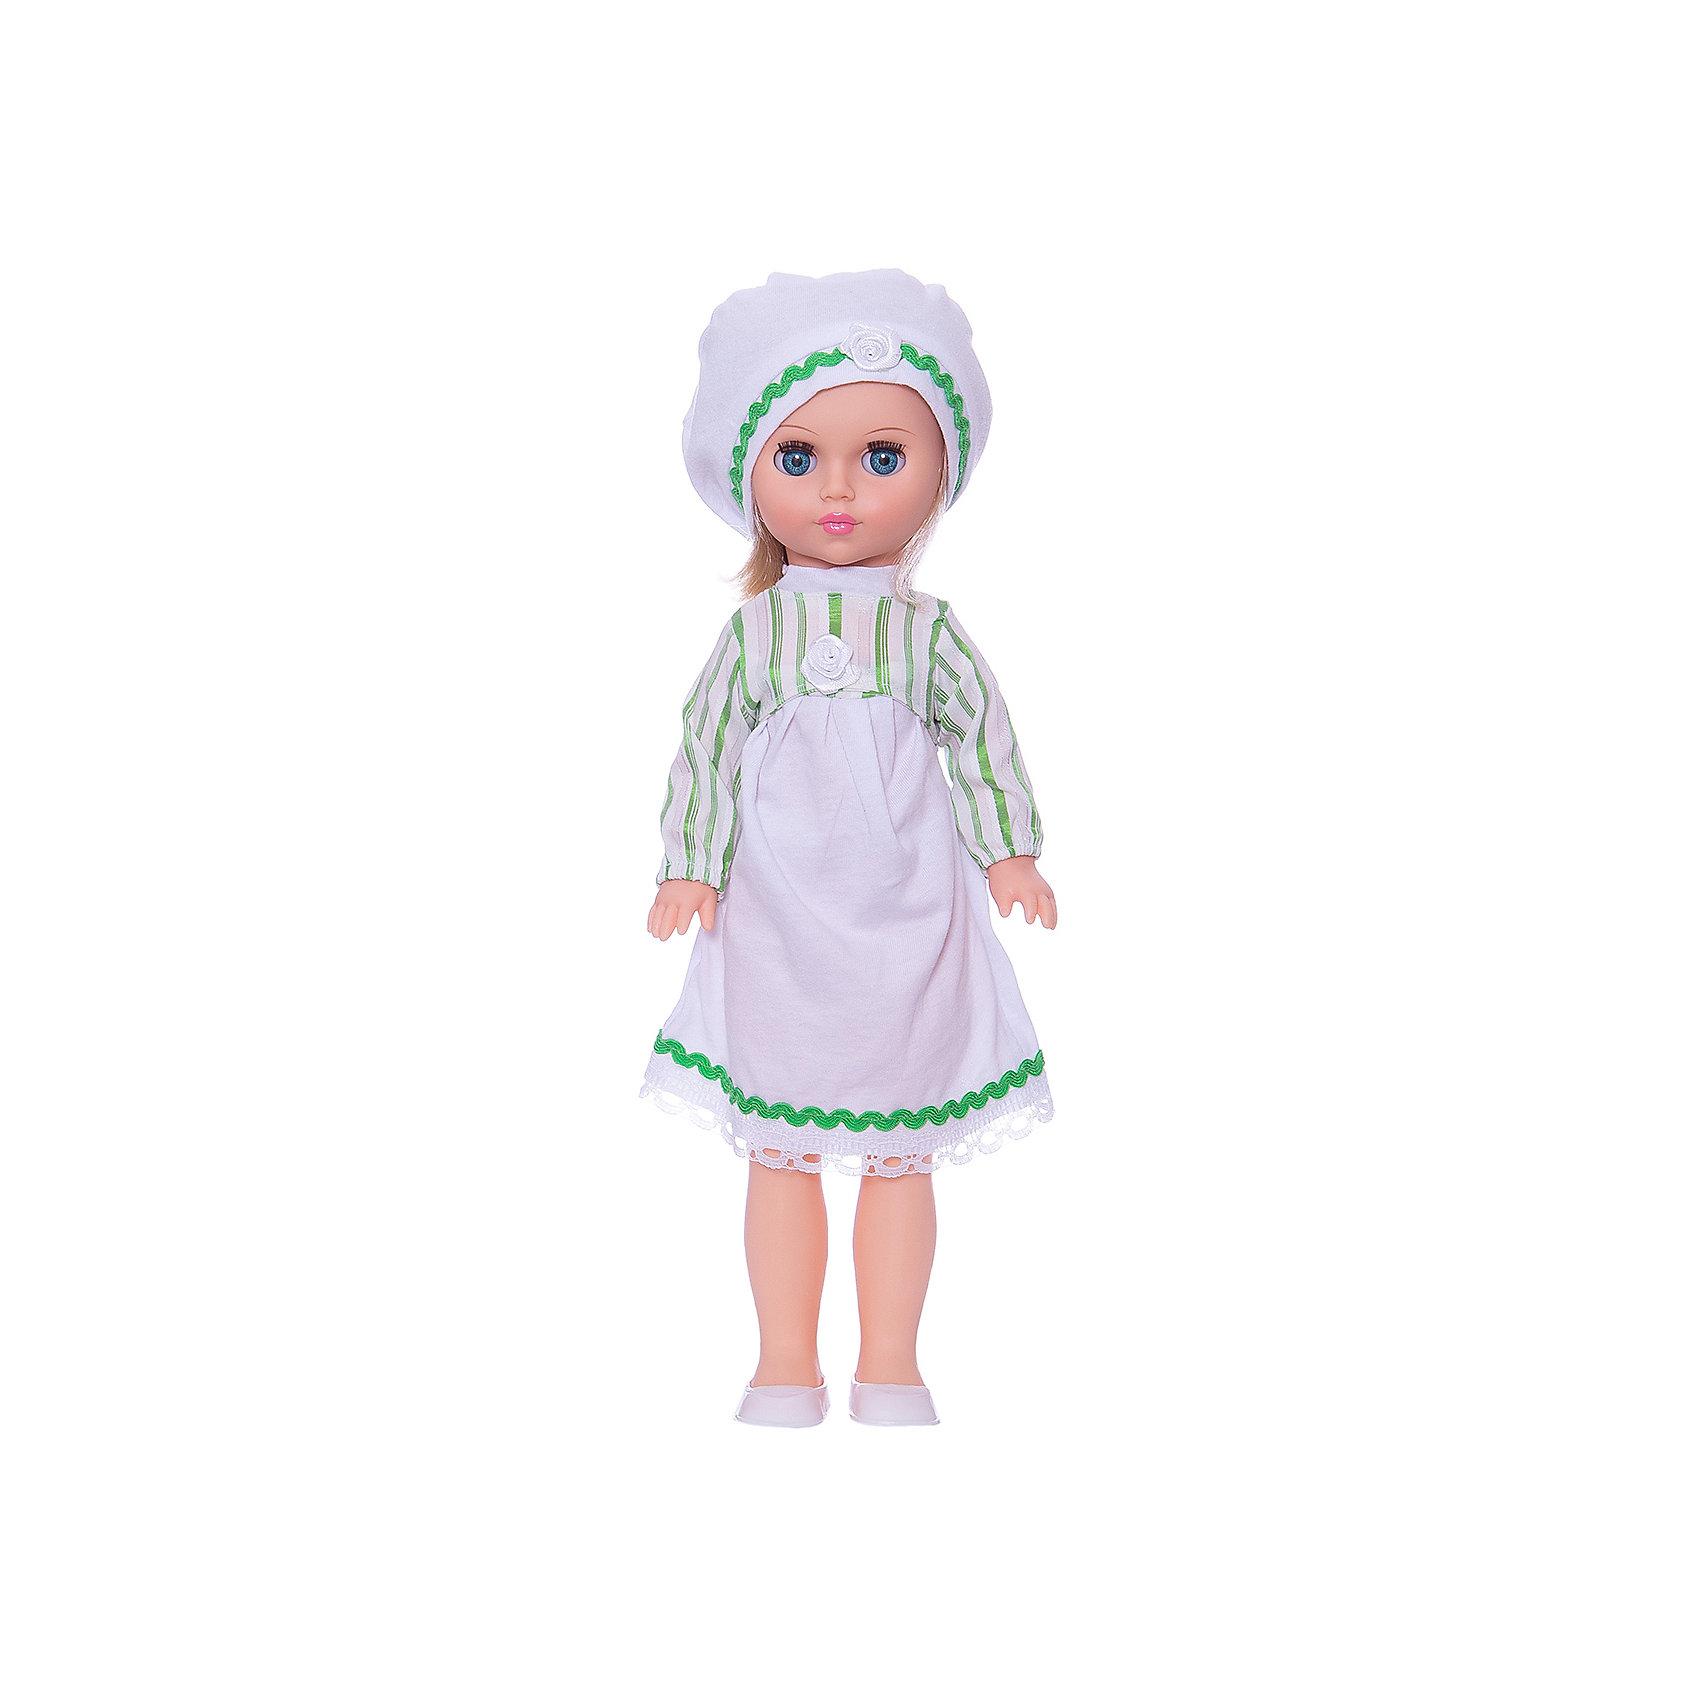 Кукла Мила 2, 40 см, ВеснаКачественная красивая кукла от отечественного производителя способна не просто помочь ребенку весело проводить время, но и научить девочку одеваться со вкусом. На ней - красивый летний наряд со шляпой и сумочкой, обувь, всё можно снимать и надевать.<br>Очень красиво смотрятся пышные волосы, на которых можно делать прически. Сделана игрушка из качественных и безопасных для ребенка материалов. Такая кукла поможет ребенку освоить механизмы социальных взаимодействий, развить моторику и воображение. Также куклы помогают девочкам научиться заботиться о других.<br><br>Дополнительная информация:<br><br>- материал: пластмасса;<br>- волосы: прошивные;<br>- снимающаяся одежда и обувь;<br>- высота: 40 см.<br><br>Куклу Мила 2 от марки Весна можно купить в нашем магазине.<br><br>Ширина мм: 490<br>Глубина мм: 210<br>Высота мм: 130<br>Вес г: 410<br>Возраст от месяцев: 36<br>Возраст до месяцев: 1188<br>Пол: Женский<br>Возраст: Детский<br>SKU: 4701853